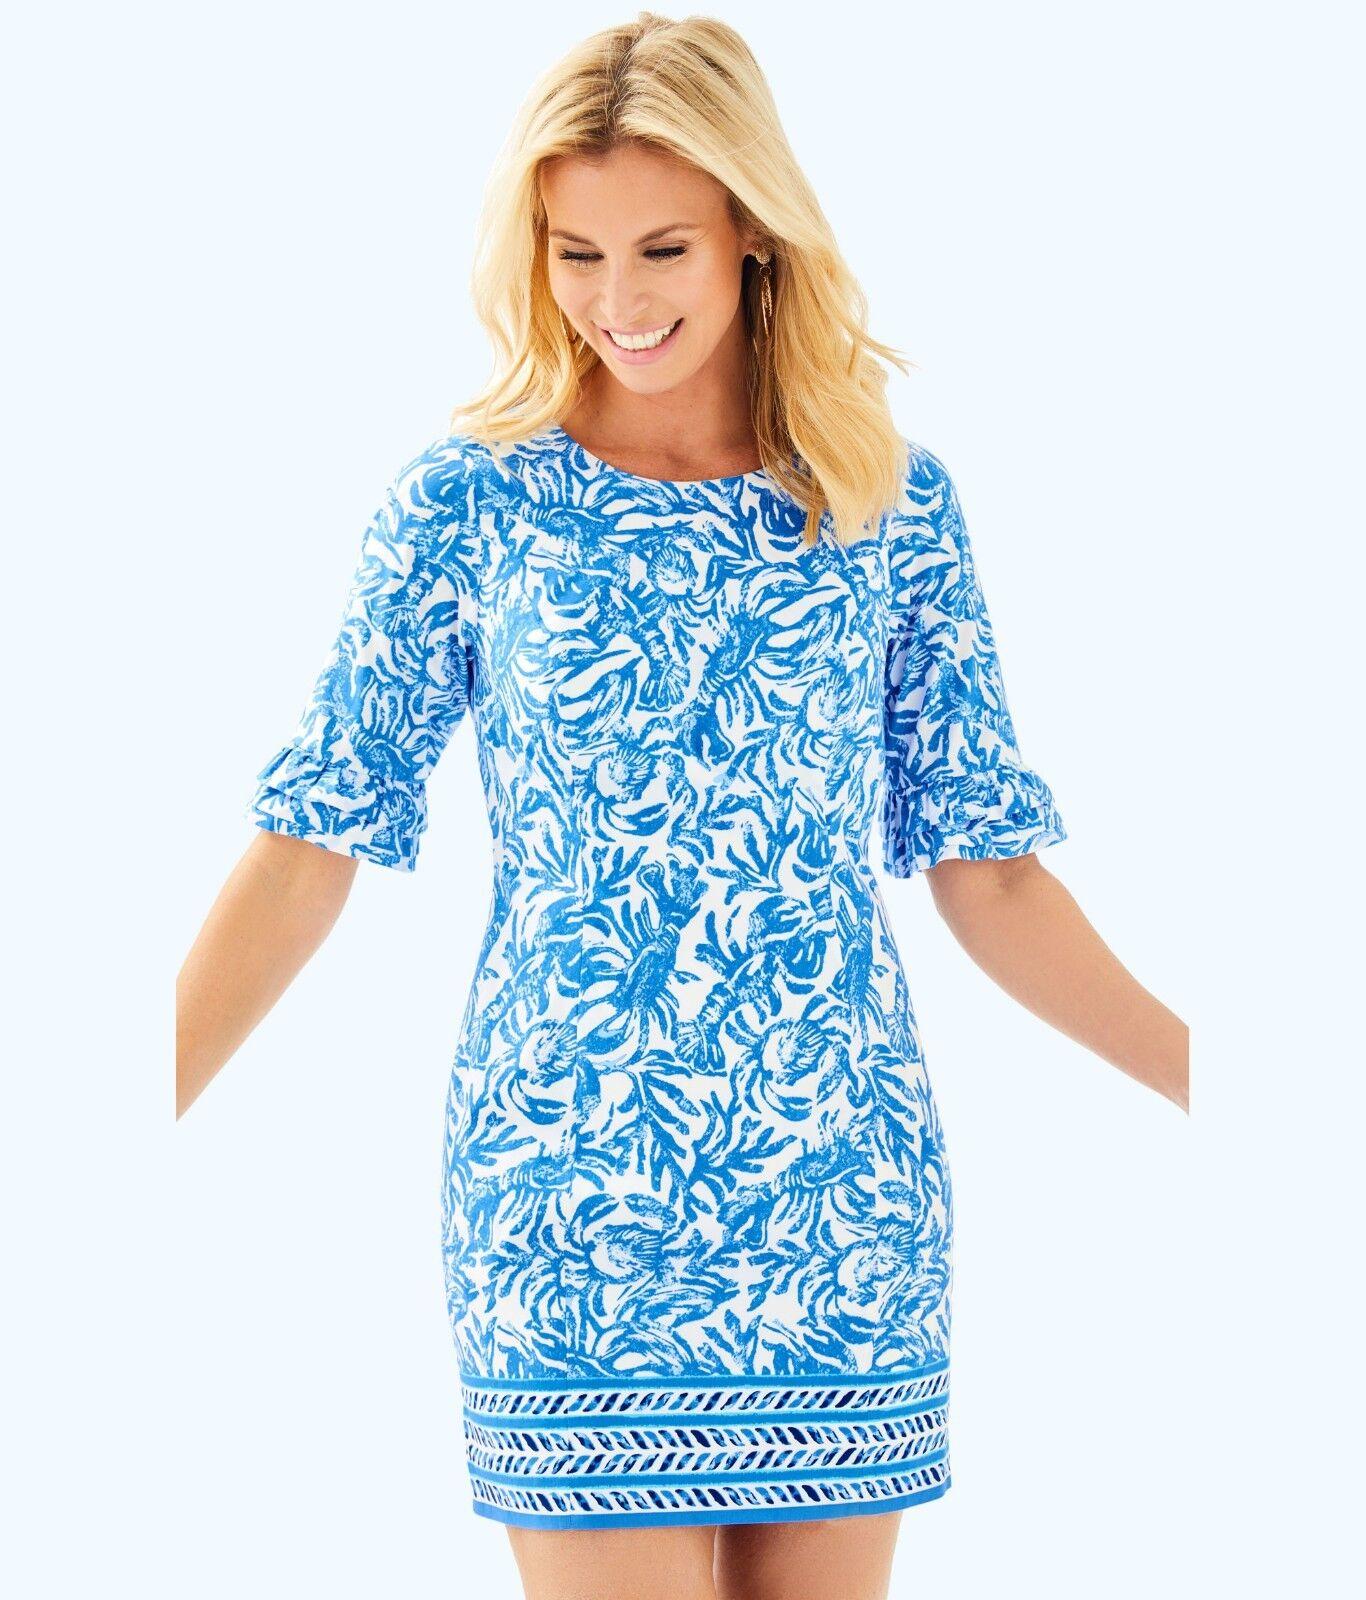 Neu Lilly Pulitzer Fest Stretch Stretch Stretch Kleid Resort Weiß auf einer Rolle Blau 4 8 | Große Ausverkauf  b50e05